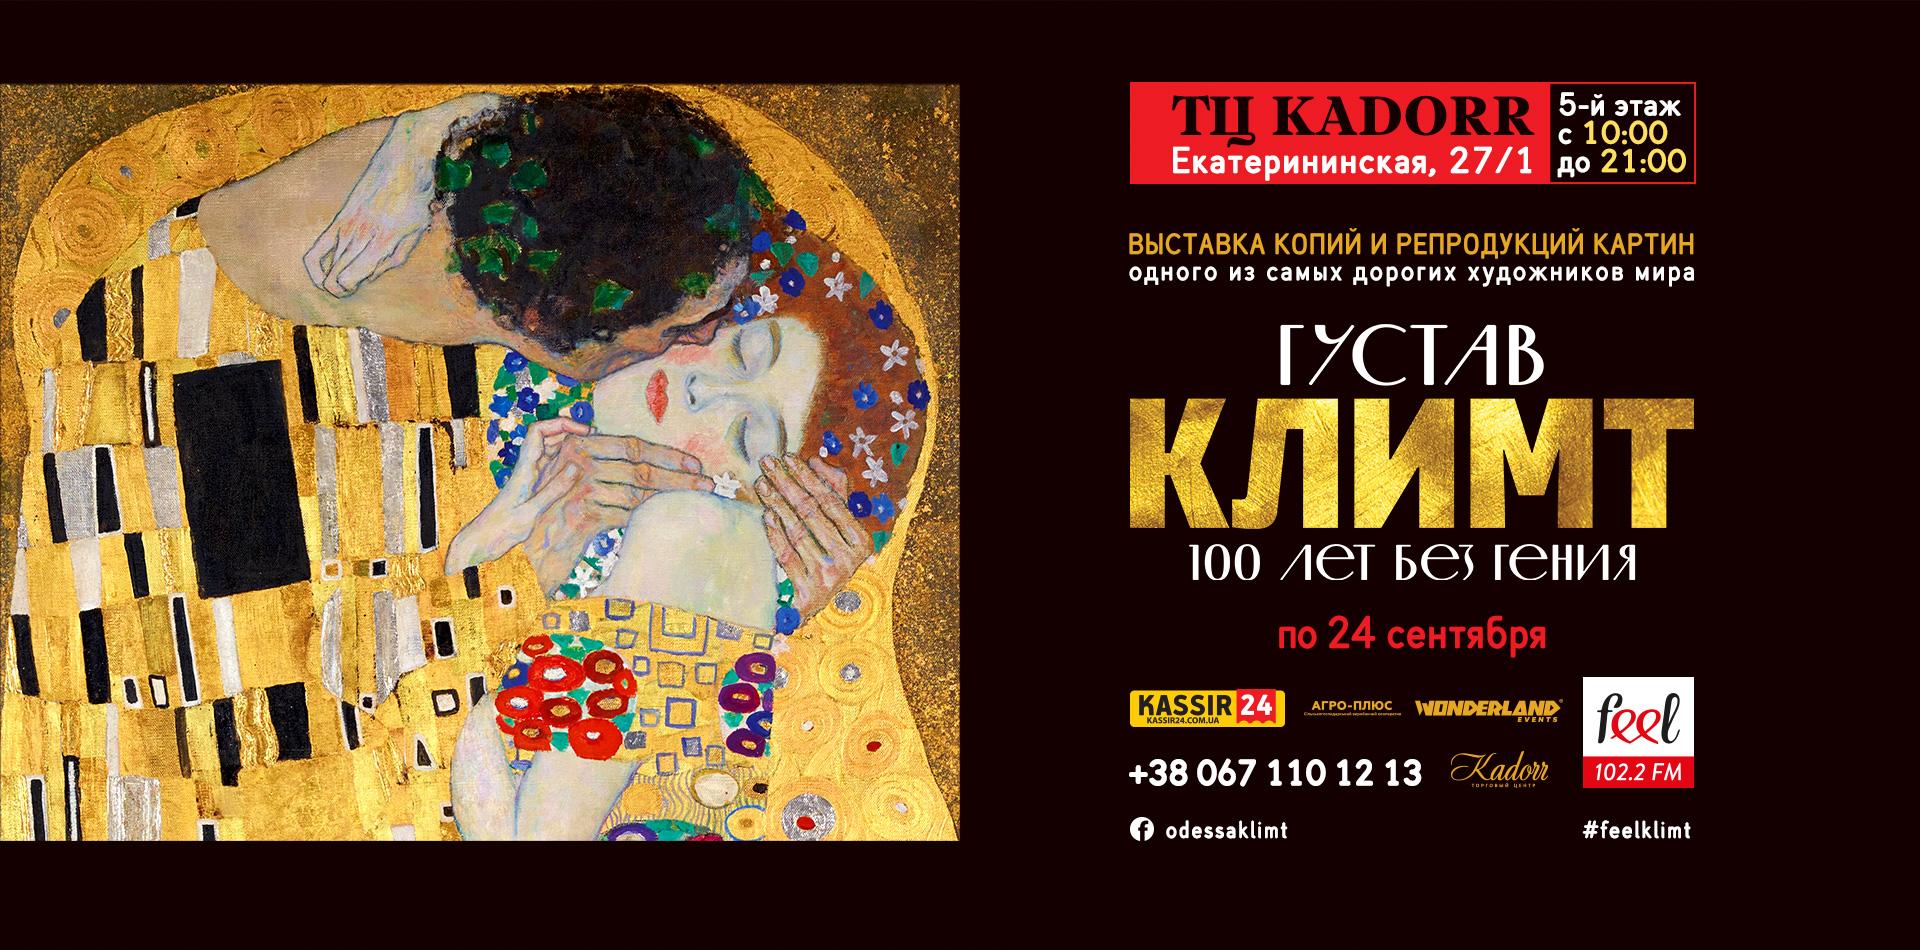 ГУСТАВ КЛИМТ. 100 ЛЕТ БЕЗ ГЕНИЯ